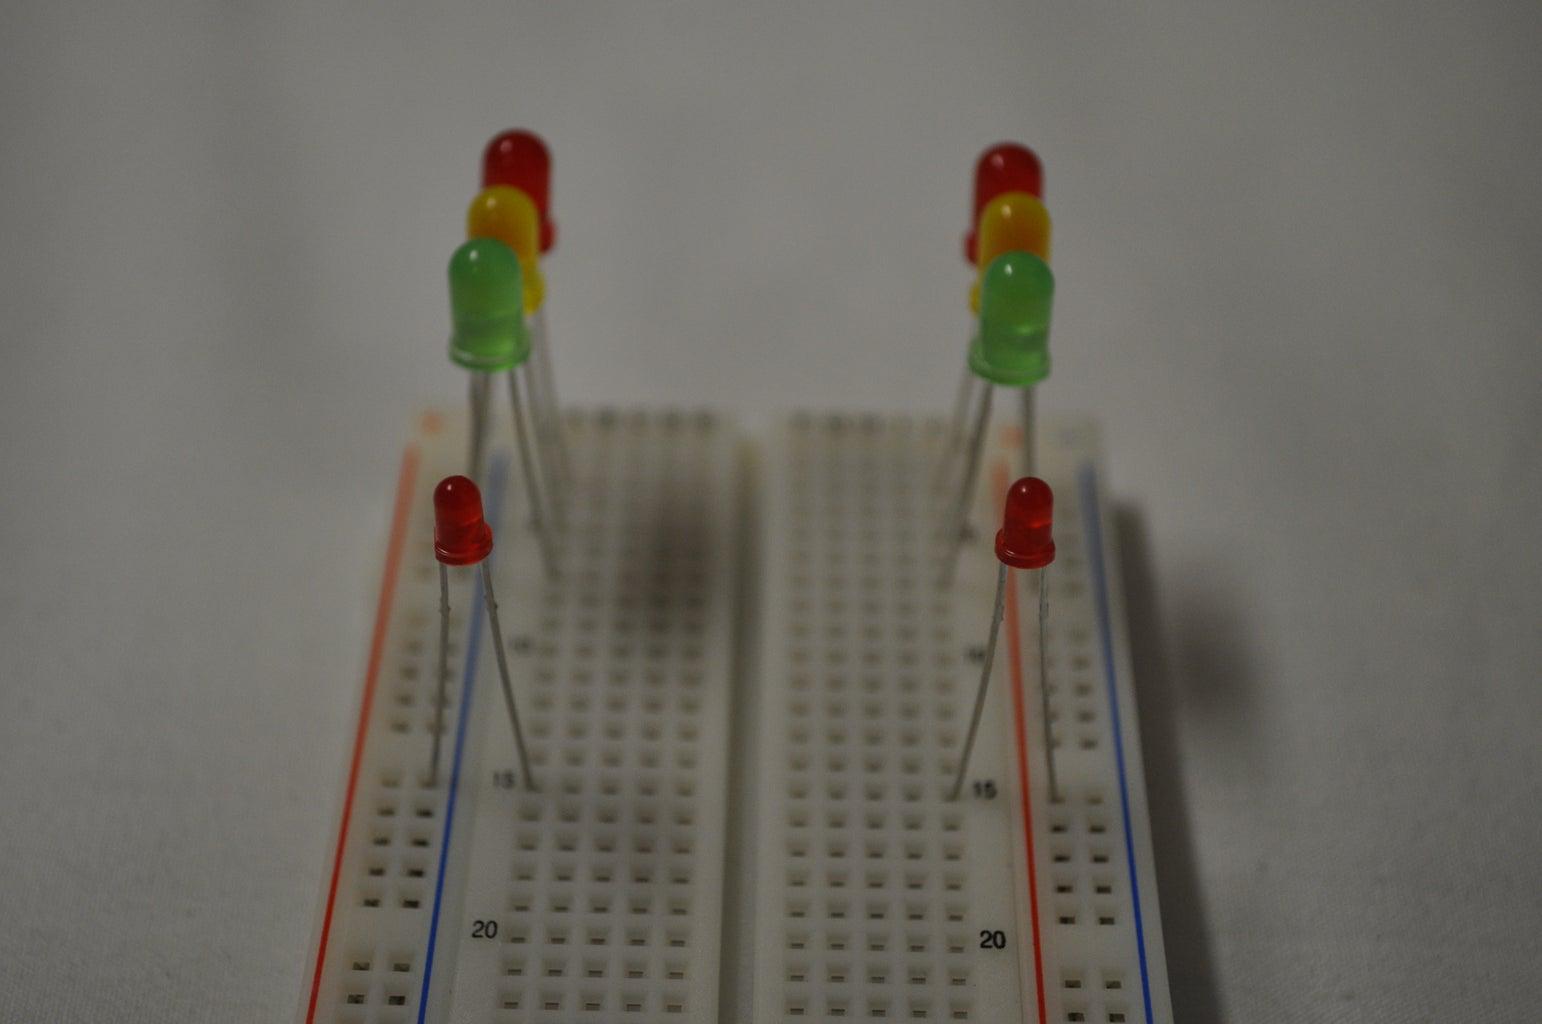 Setup LEDs